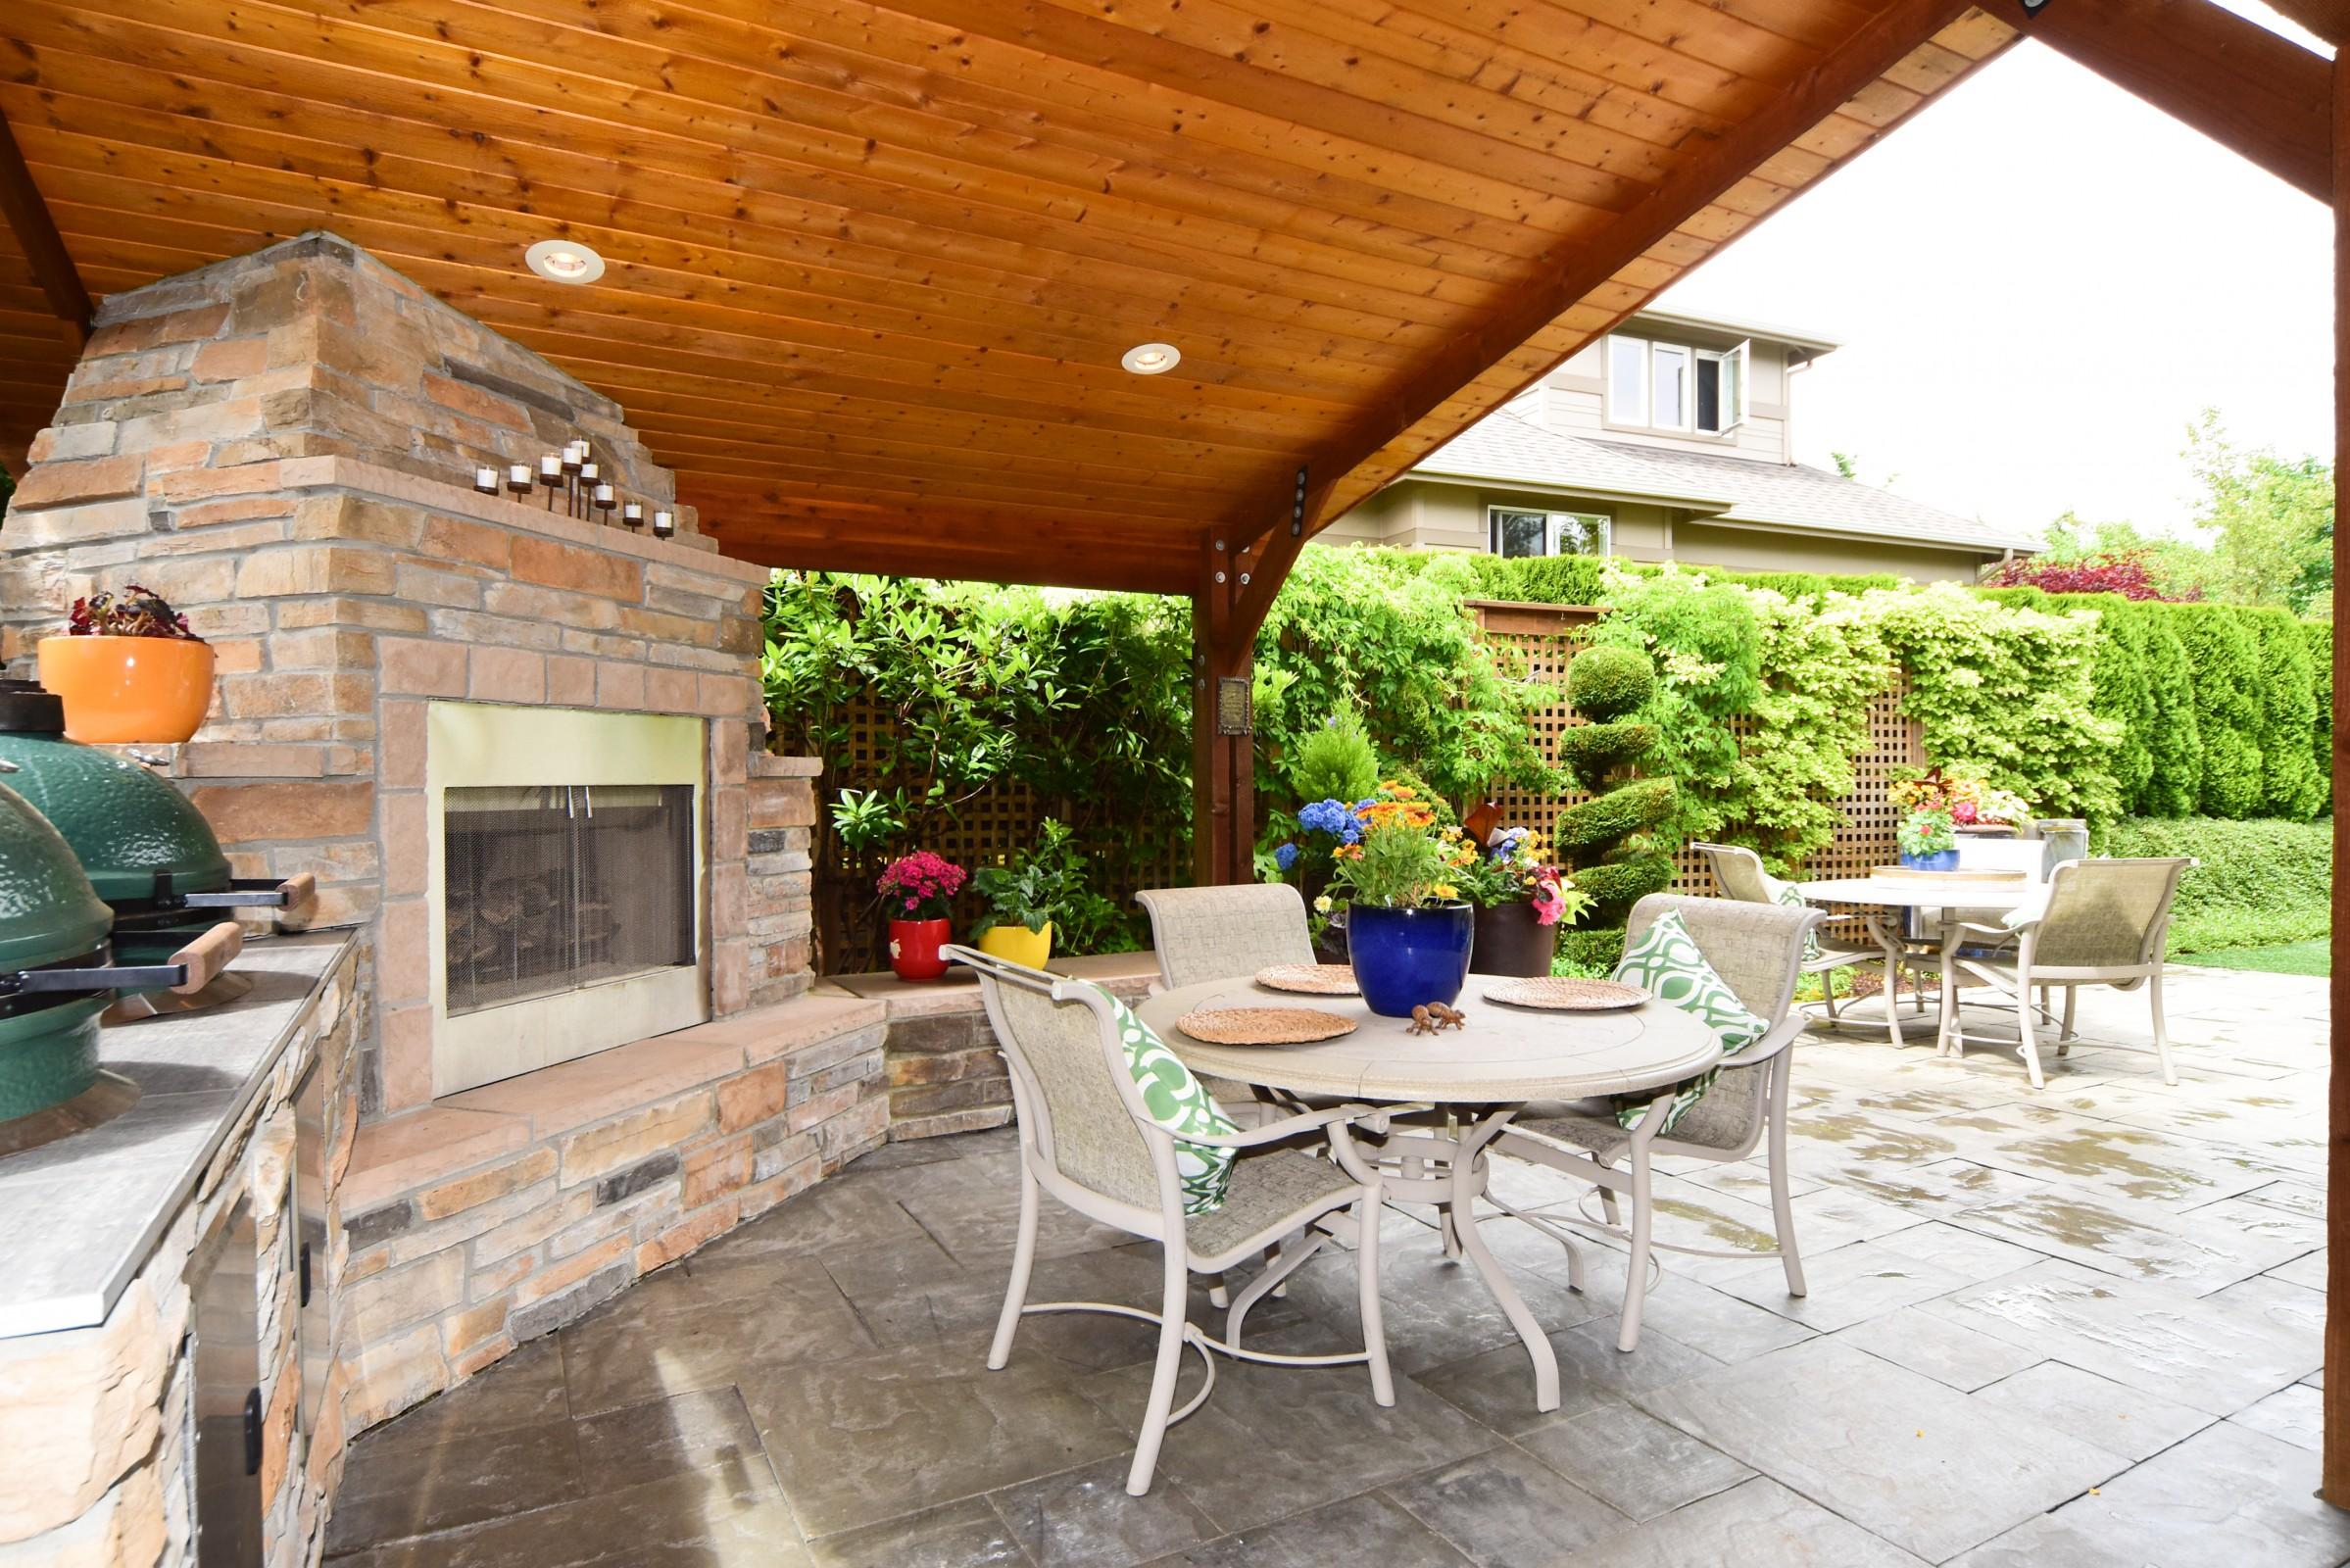 Redmond_Outdoor kitchen1.jpg